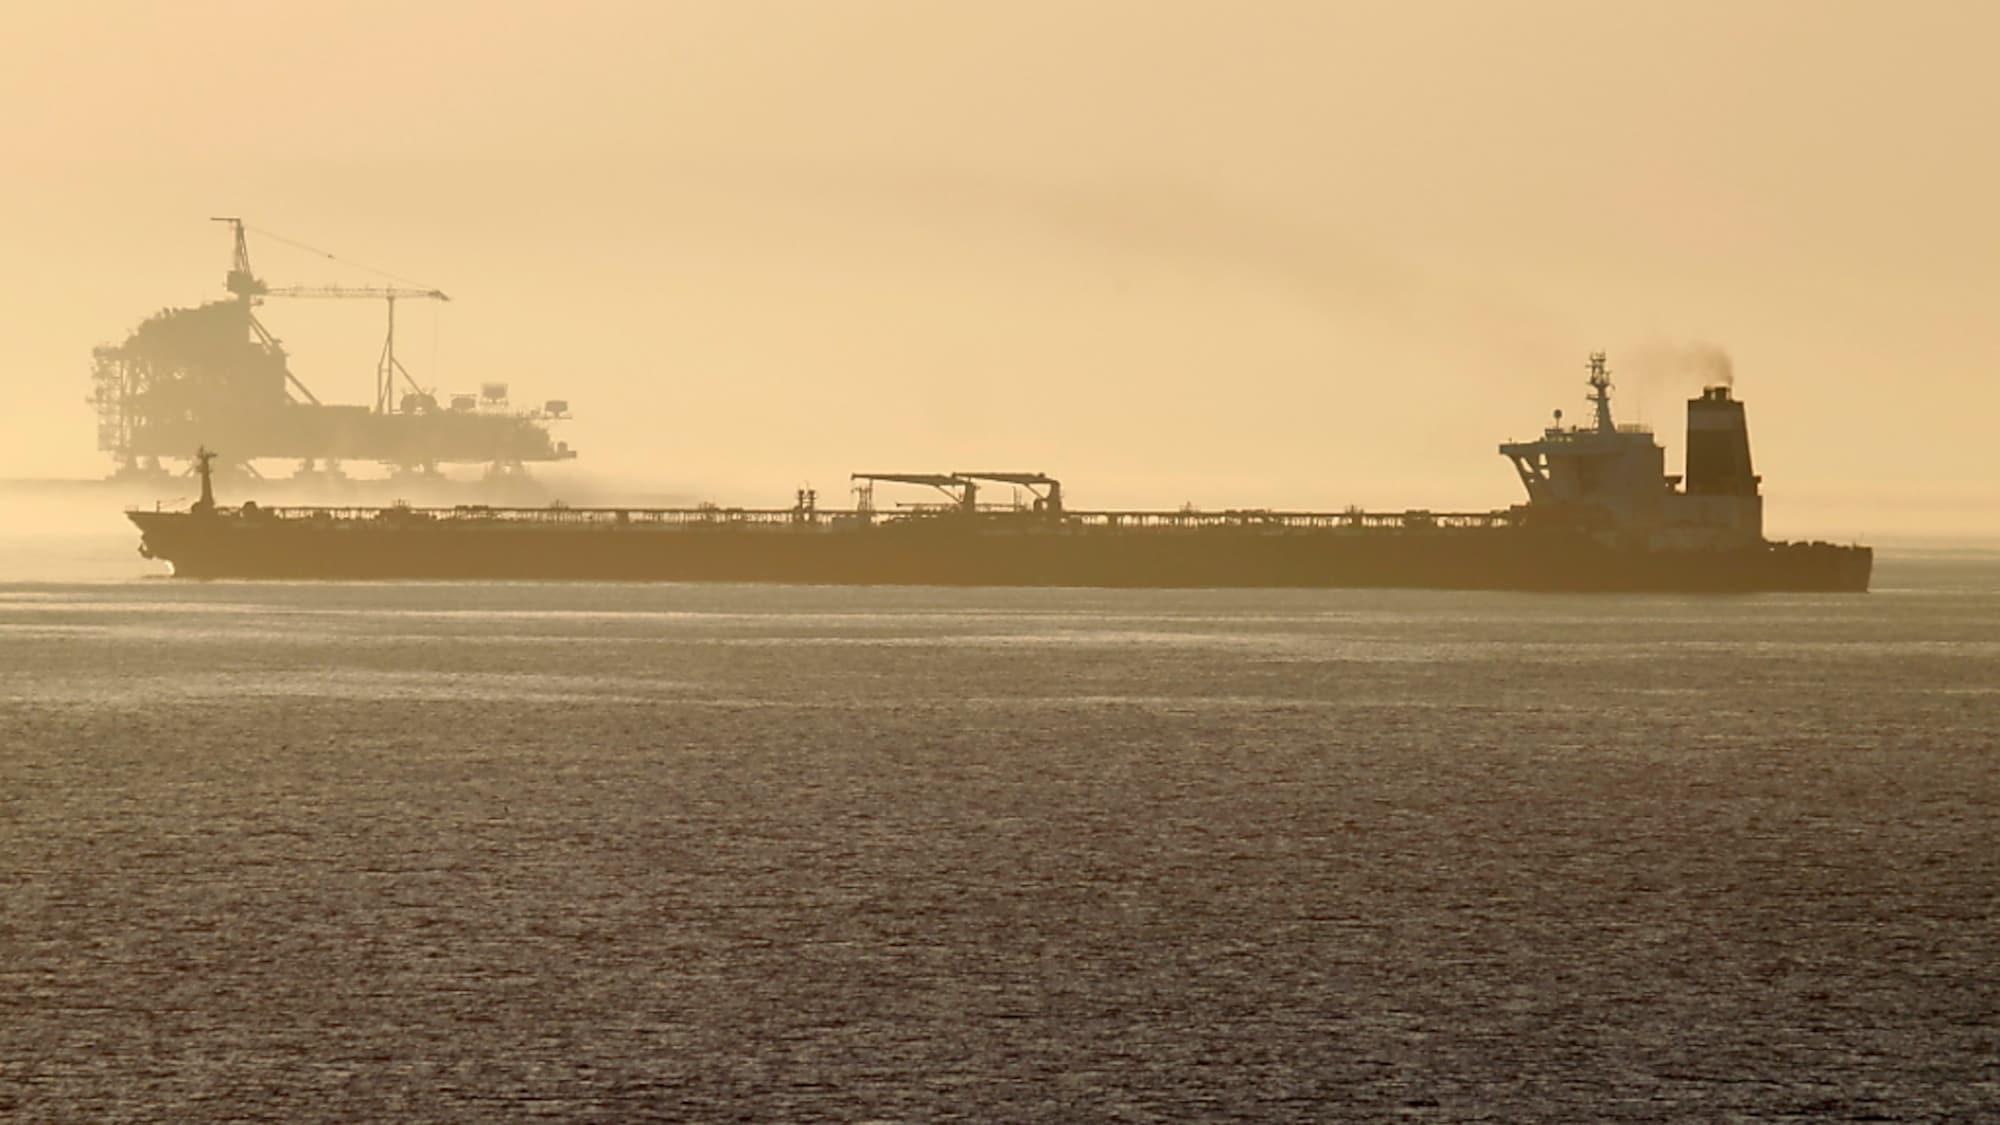 Tanker-Streit vor Gibraltar: Iranischer Öltanker sticht in See